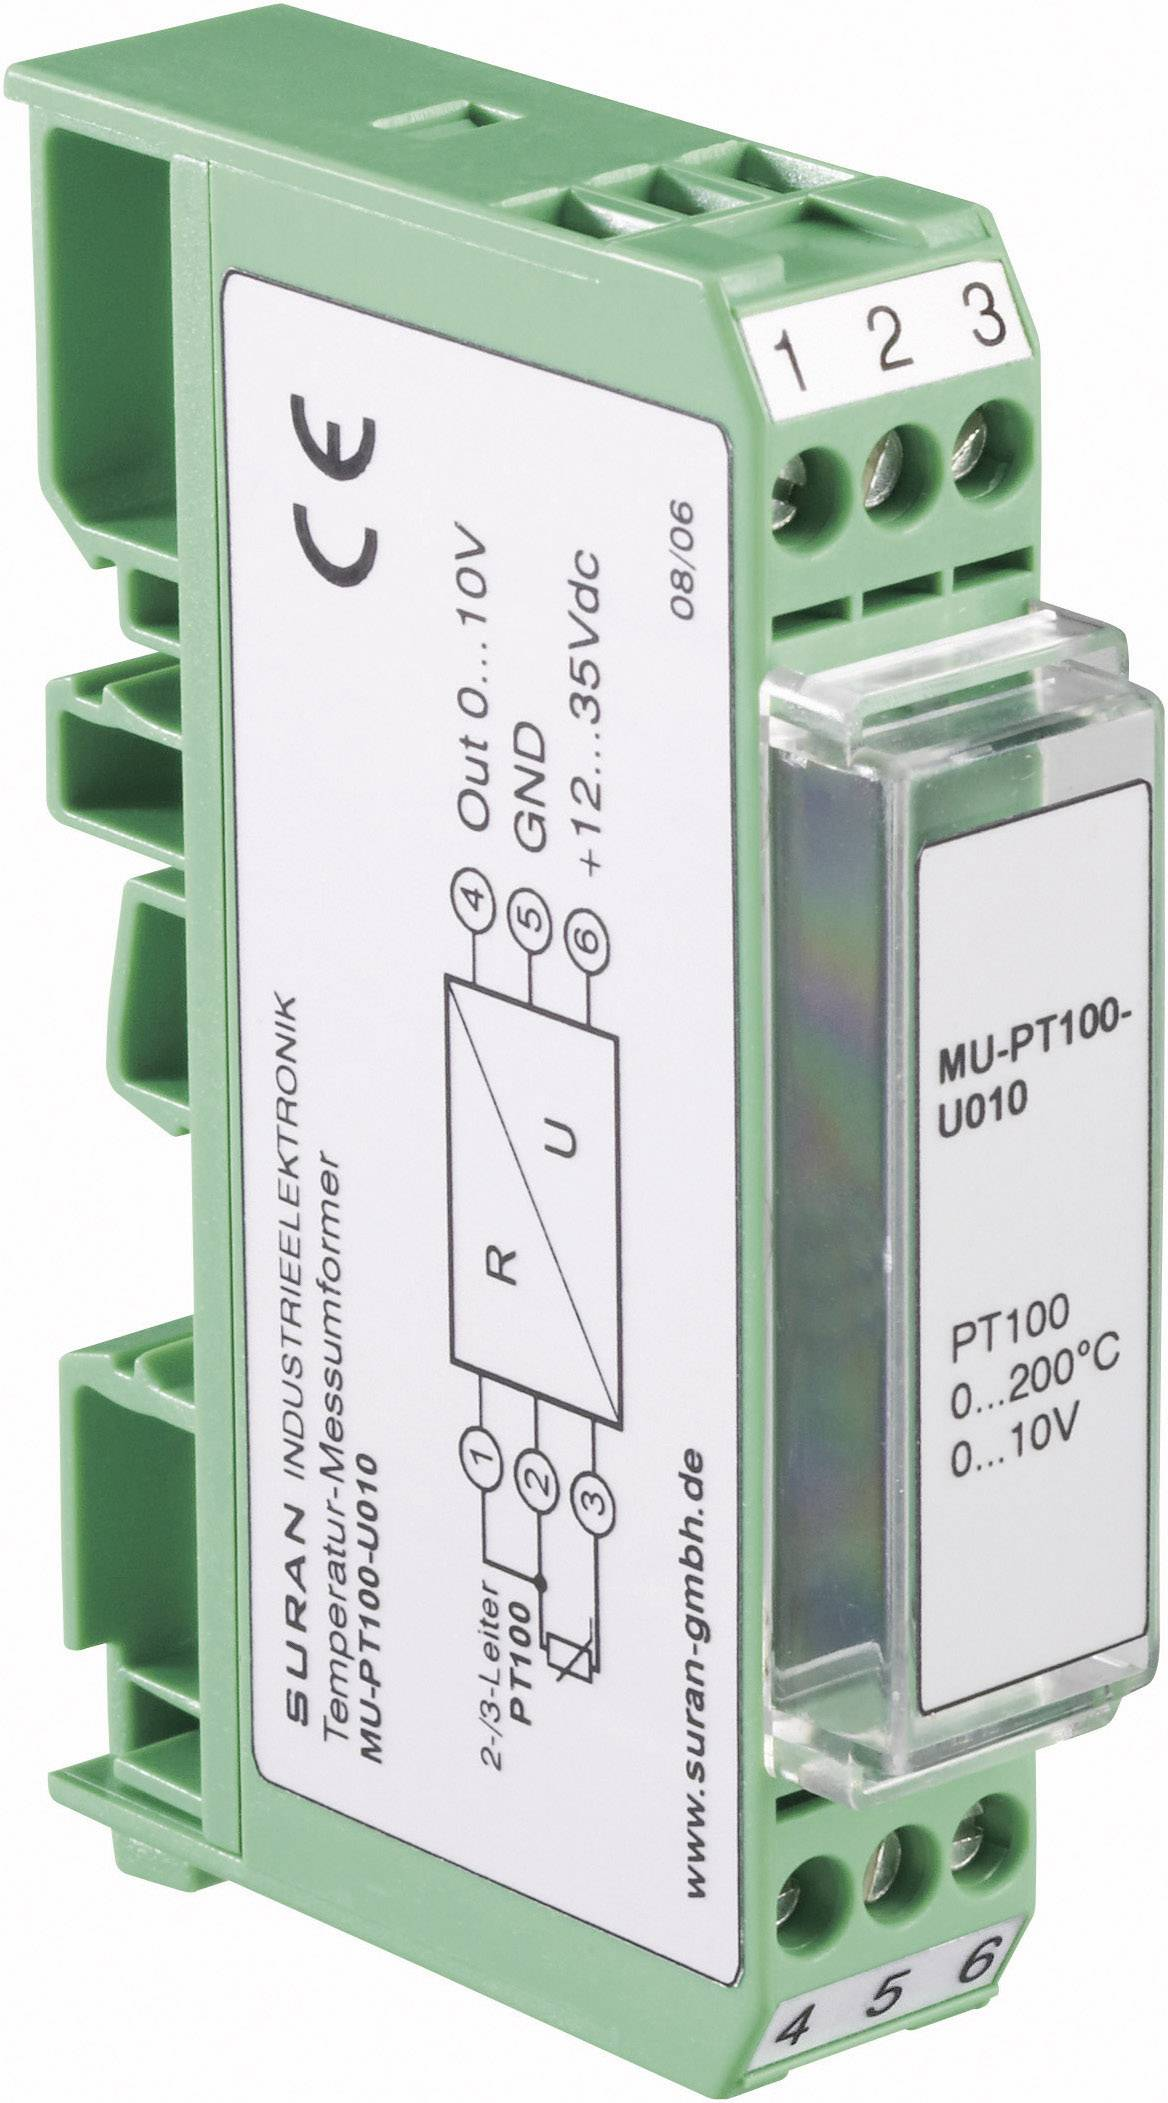 Měřicí převodník Enda MU-PT100-I420-50/100